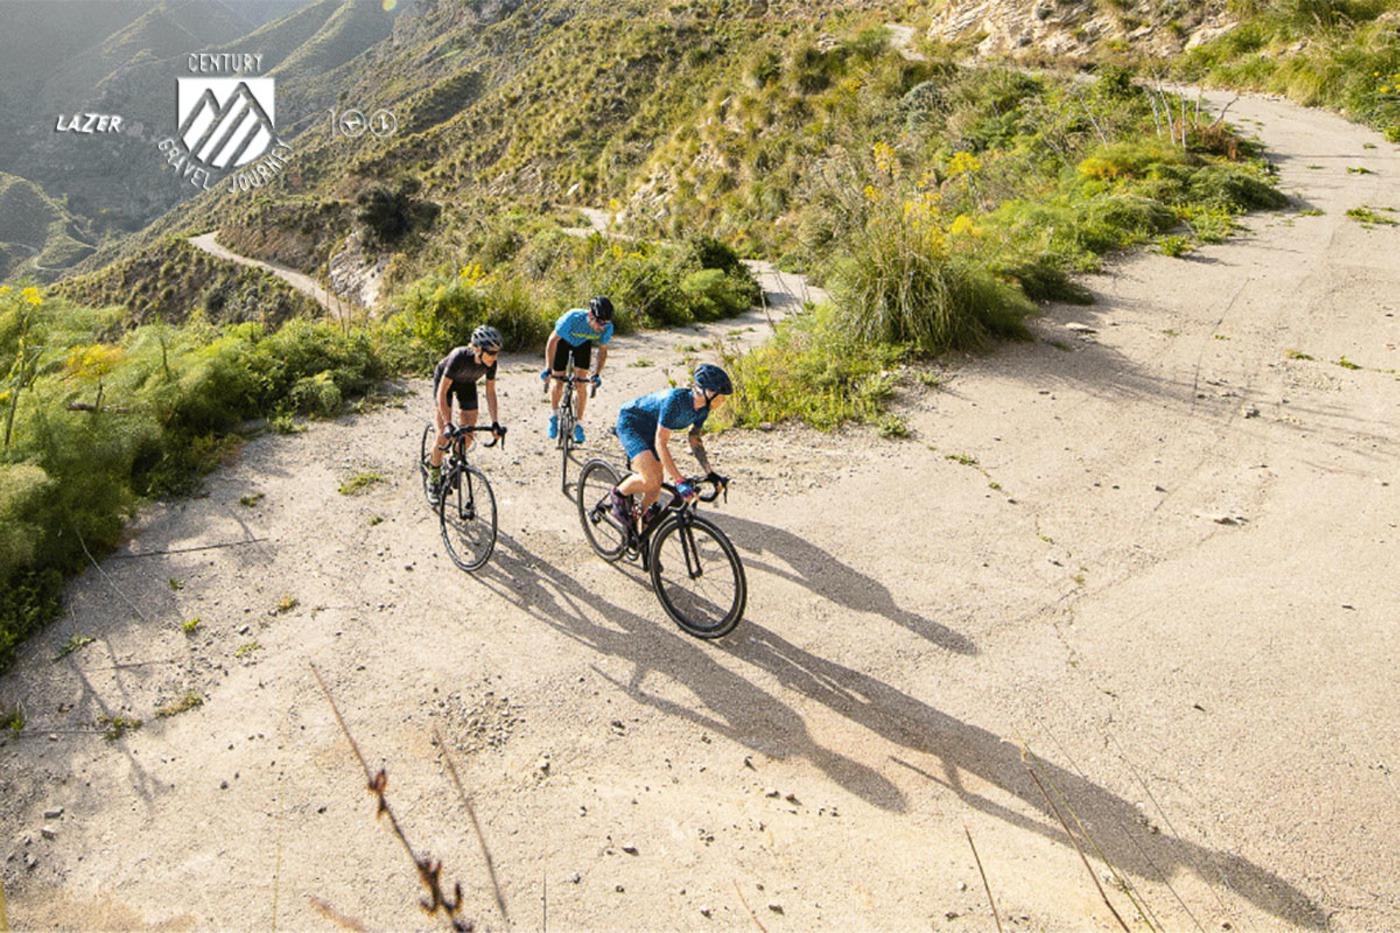 Lazer Century Gravel Journey: 100 años, 100 km y 100 ciclistas